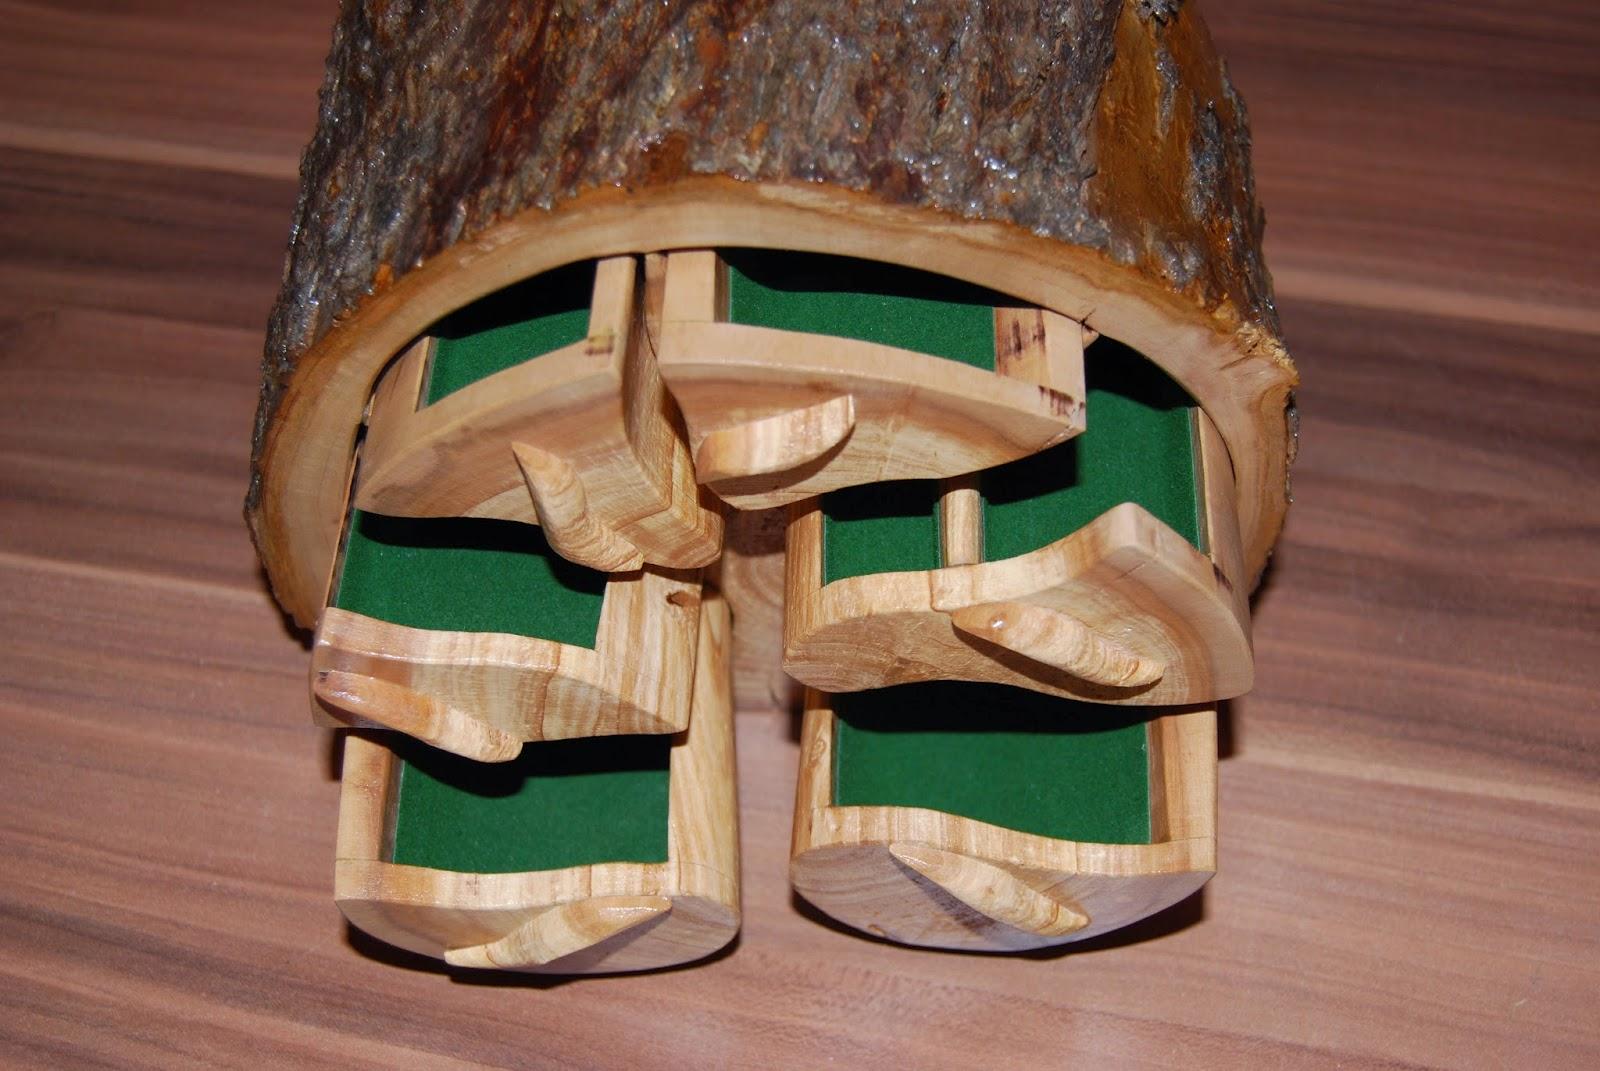 Holz Trocknen Ohne Risse meine arbeiten rund um s holz märz 2015